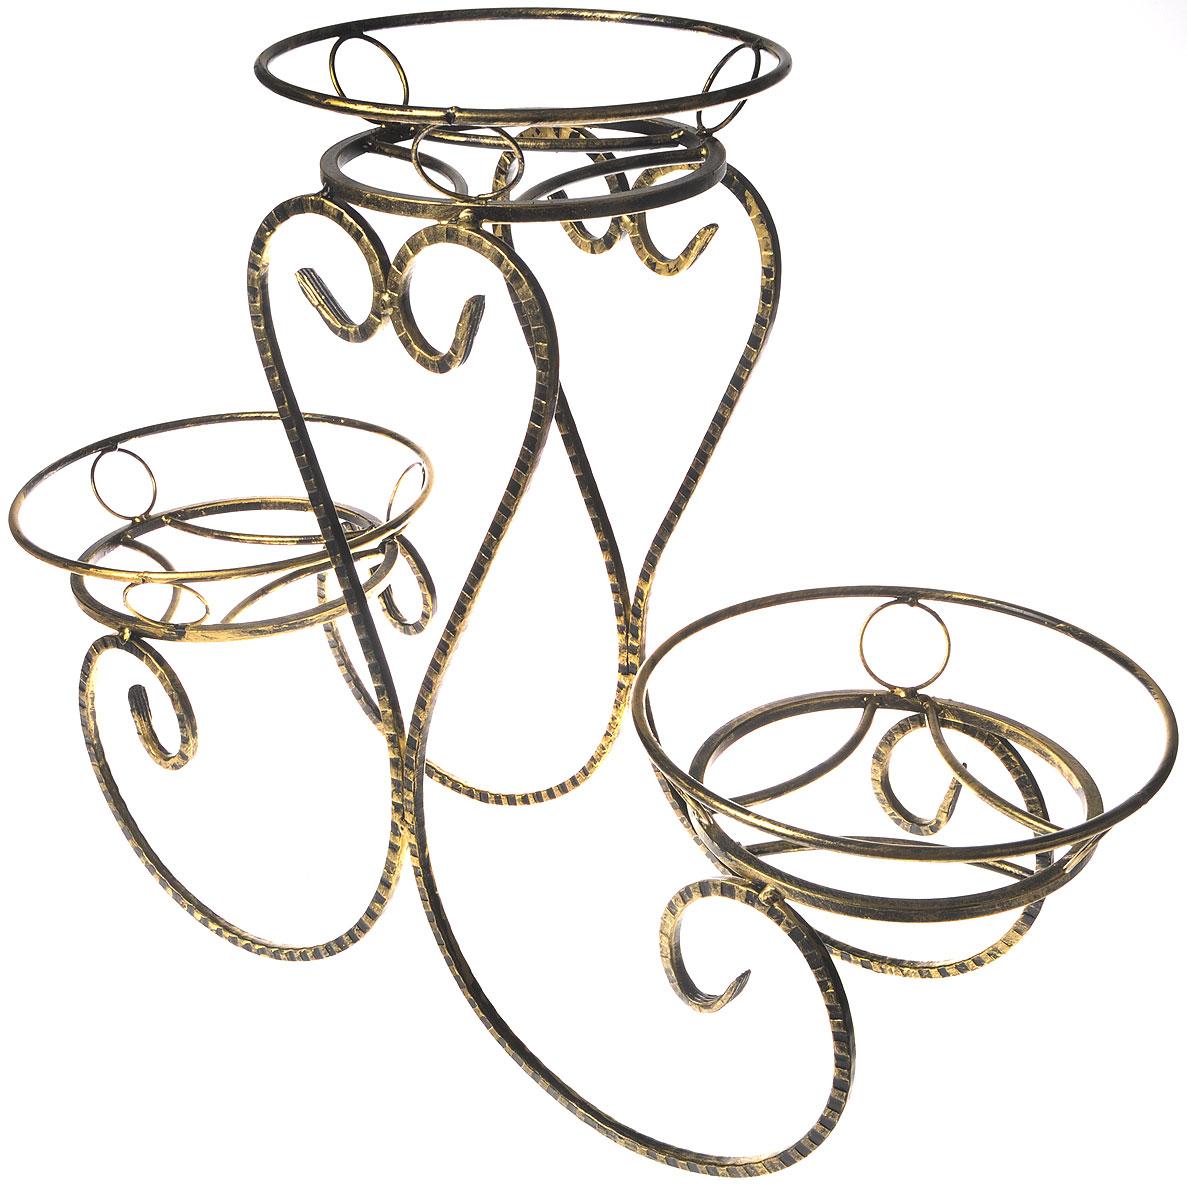 Подставка для цветов Фабрика ковки Классика, на 3 цветка, цвет: черный, золотистый. 70-043SMG-81Подставка Фабрика ковки Классика предназначена для размещения трех цветочных кашпо, одно размещается на верхнем уровне, два на нижнем. Подставка выполнена из резного окрашенного металла. Ножки выполнены в виде завитков, на которых расположены подставки, декорированные кольцами. Симметричность подставки не только обеспечивает высокую надежность установки цветков, но и придает ей строгий и презентабельный вид.Размер подставки: 80 х 29 х 60 см.Диаметр полок (по верхнему краю): 29 см.